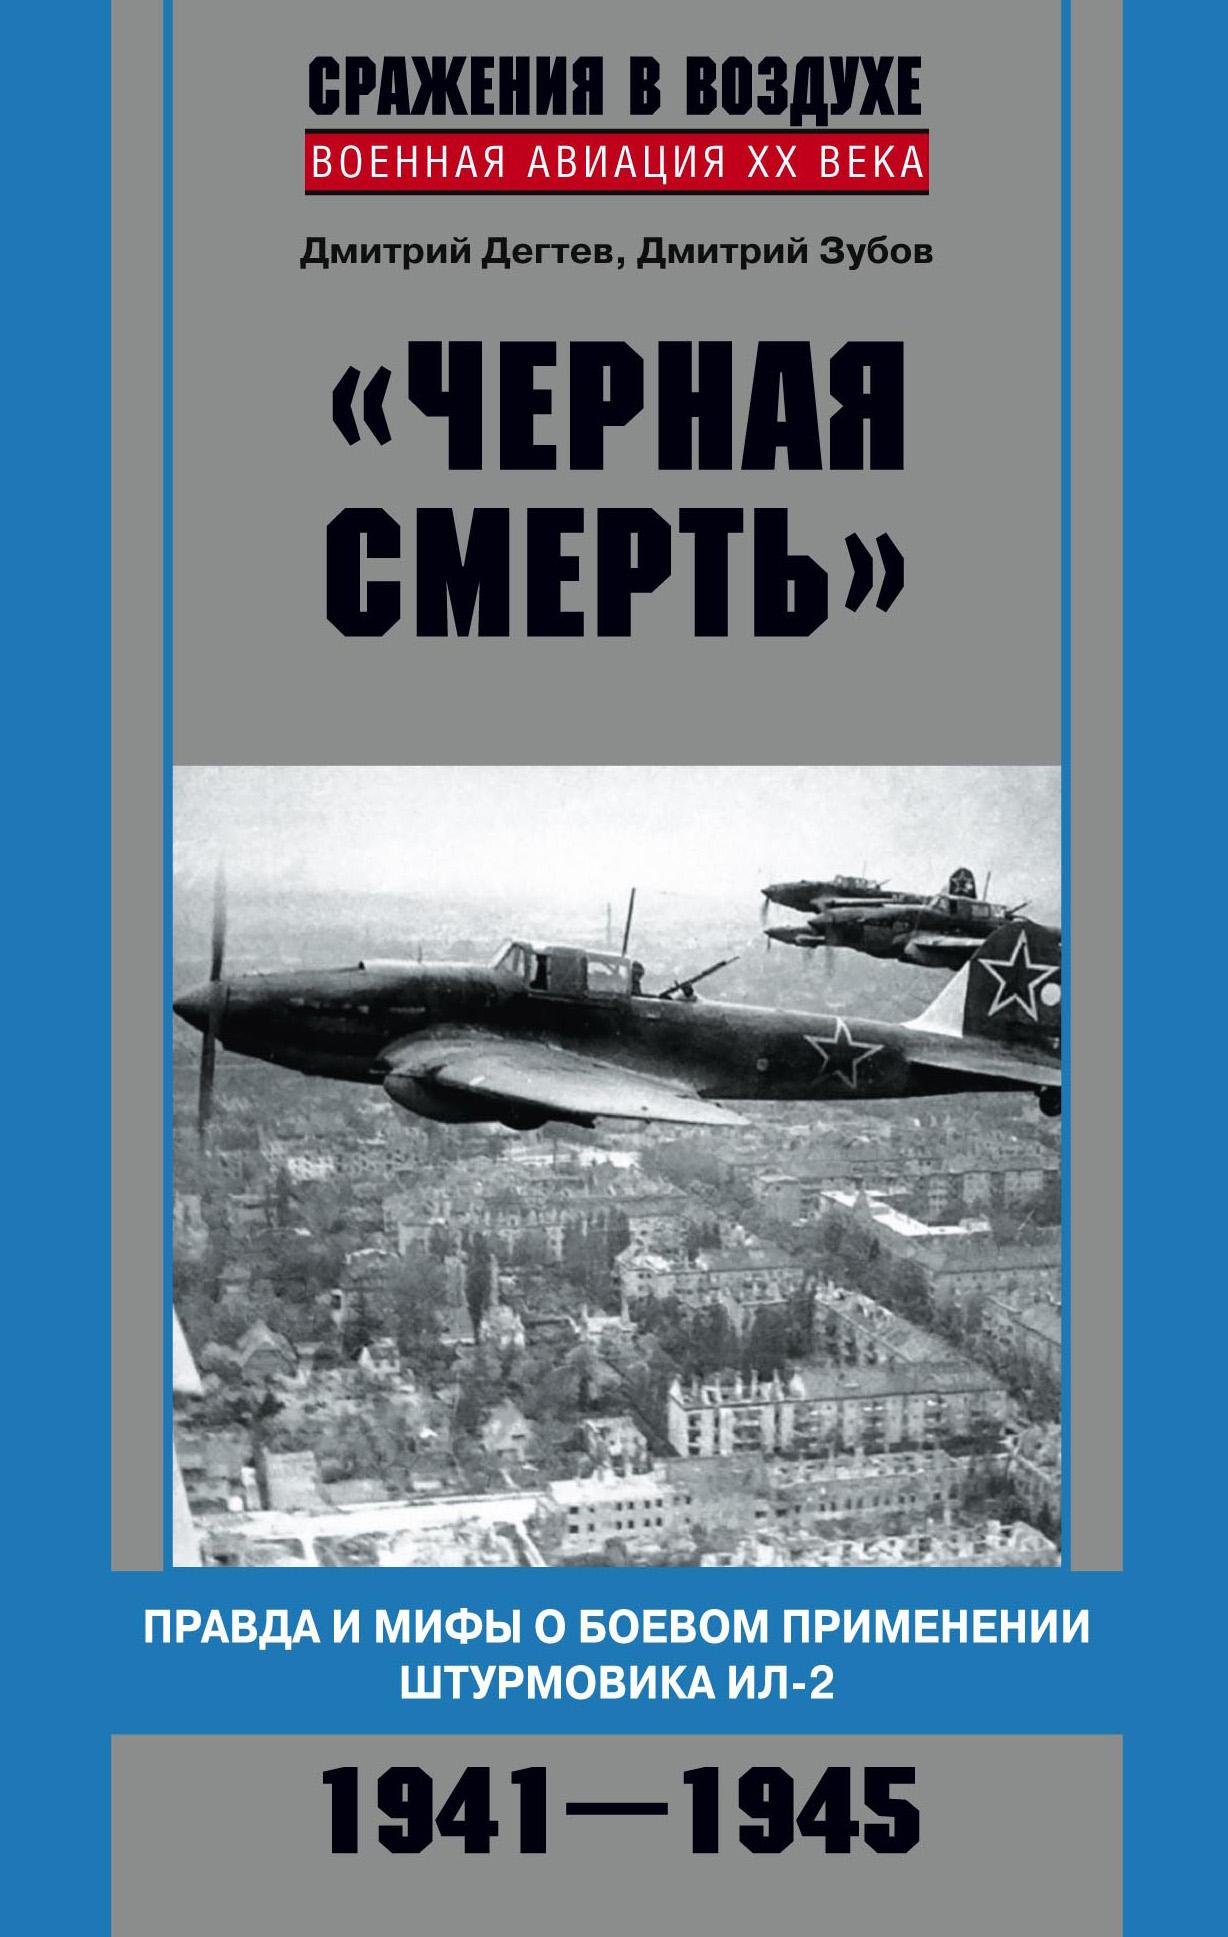 Дмитрий Дёгтев «Черная смерть». Правда и мифы о боевом применении штурмовика ИЛ-2. 1941-1945